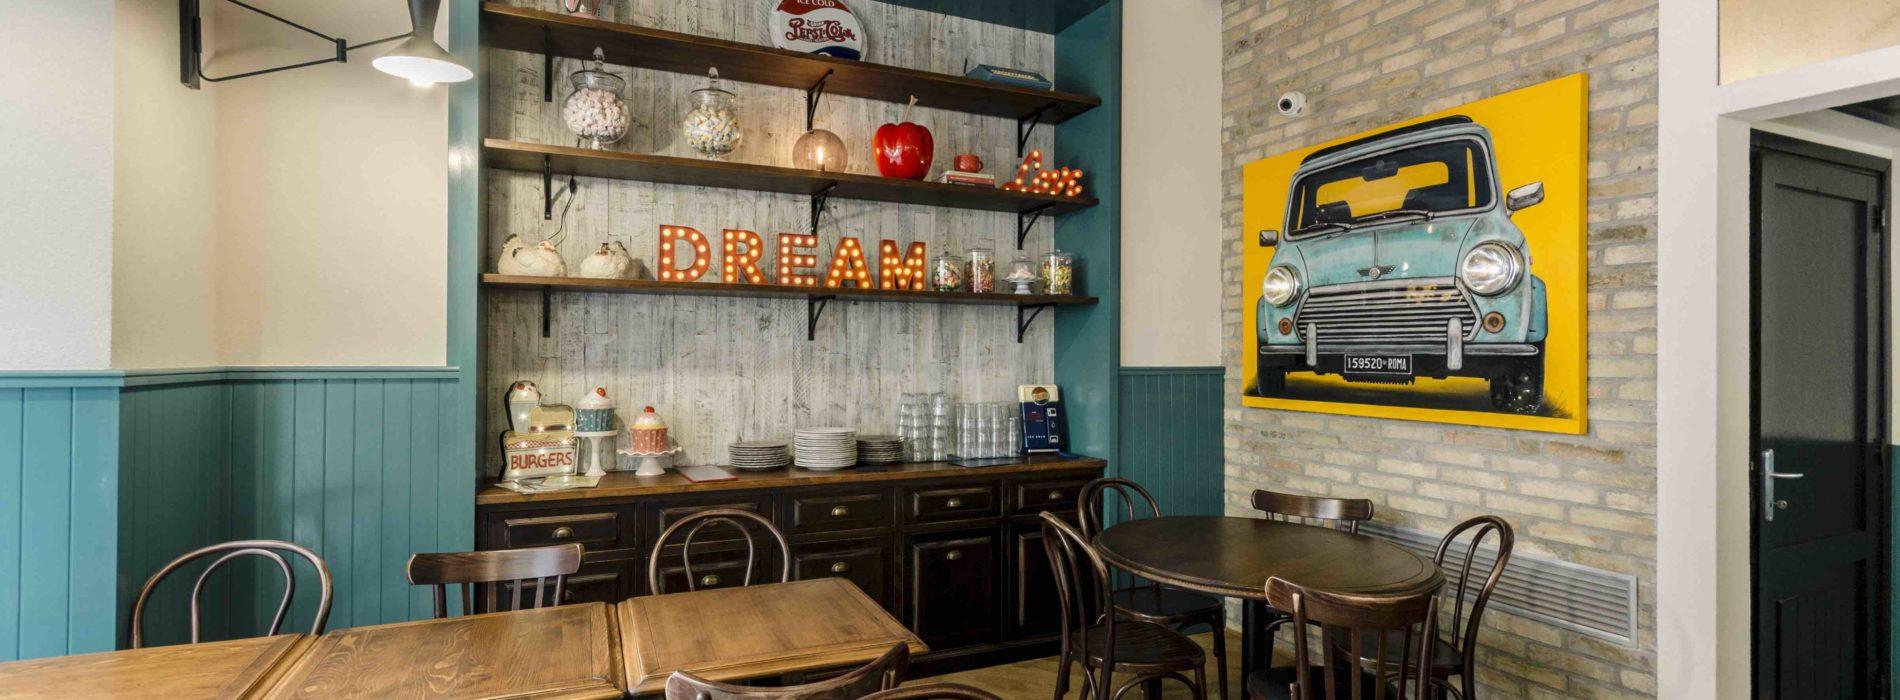 Pop's Roma, la pasticceria moderna che guarda a bakery e diners degli Stati Uniti